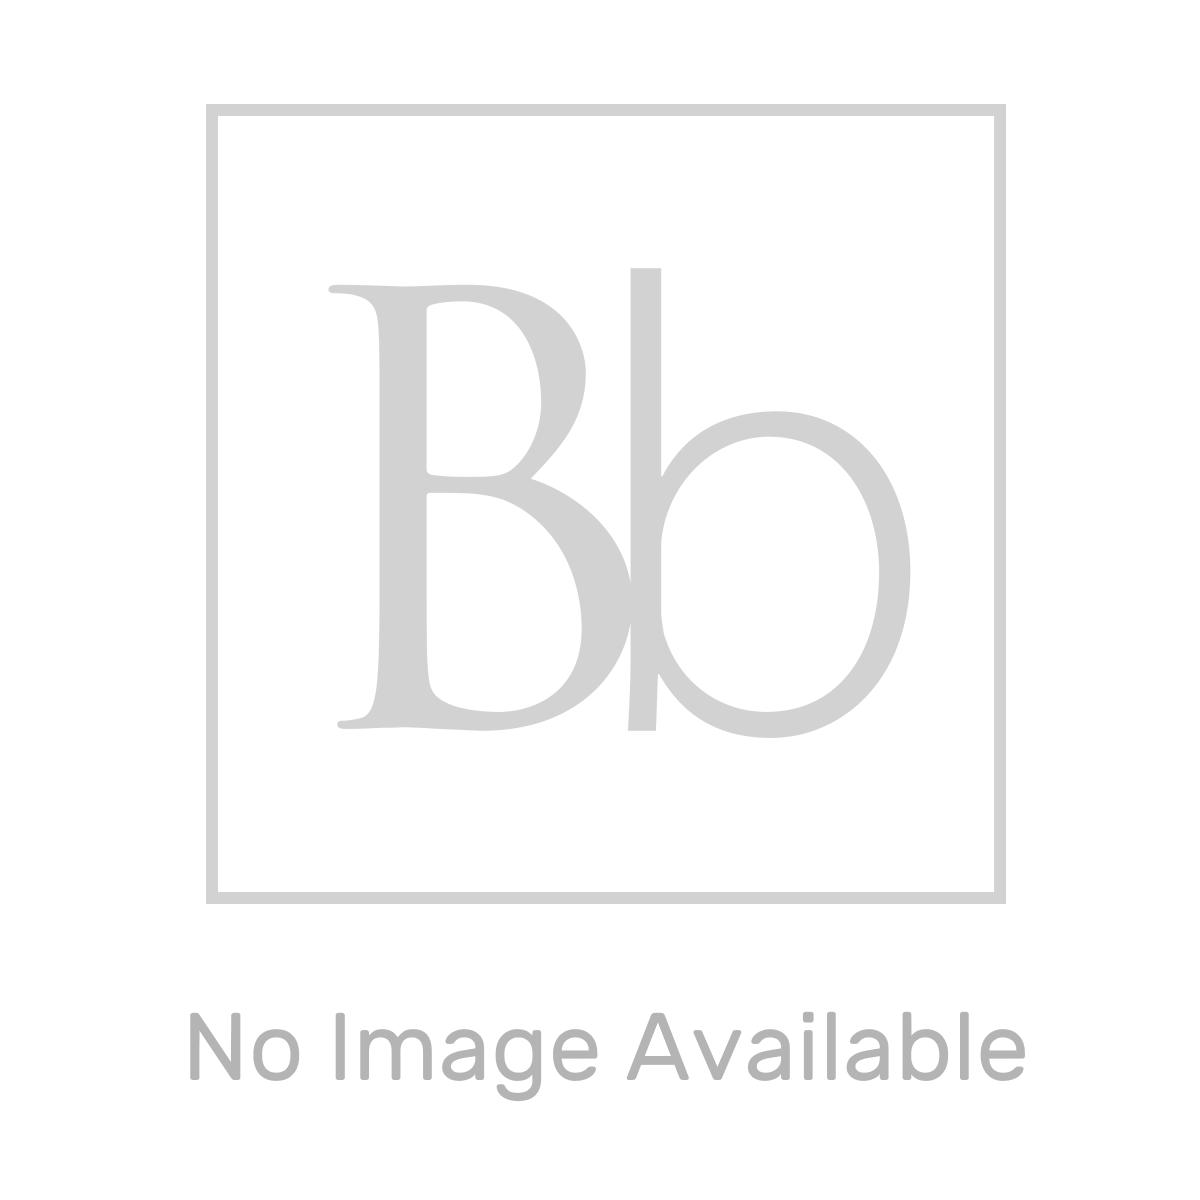 Triton Aspirante Riviera Sand Electric Shower Detail